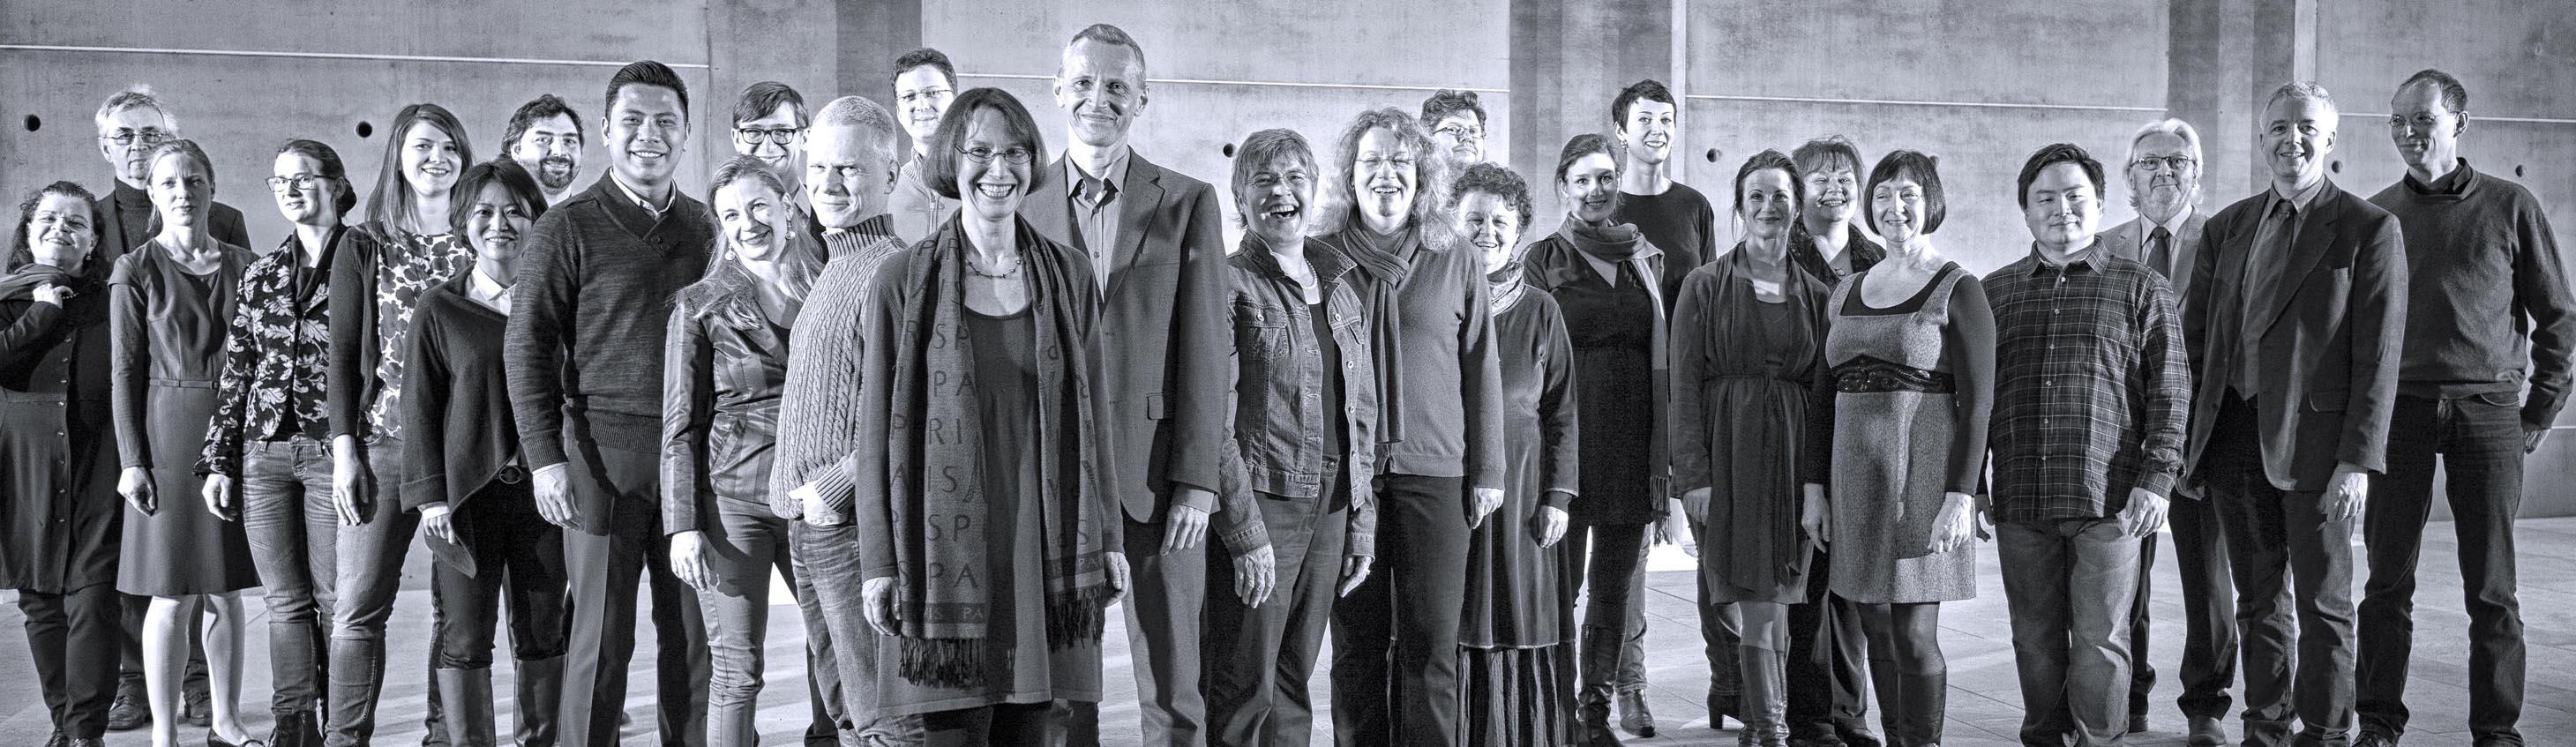 RIAS Kammerchor - ein Ensemble der roc berlin